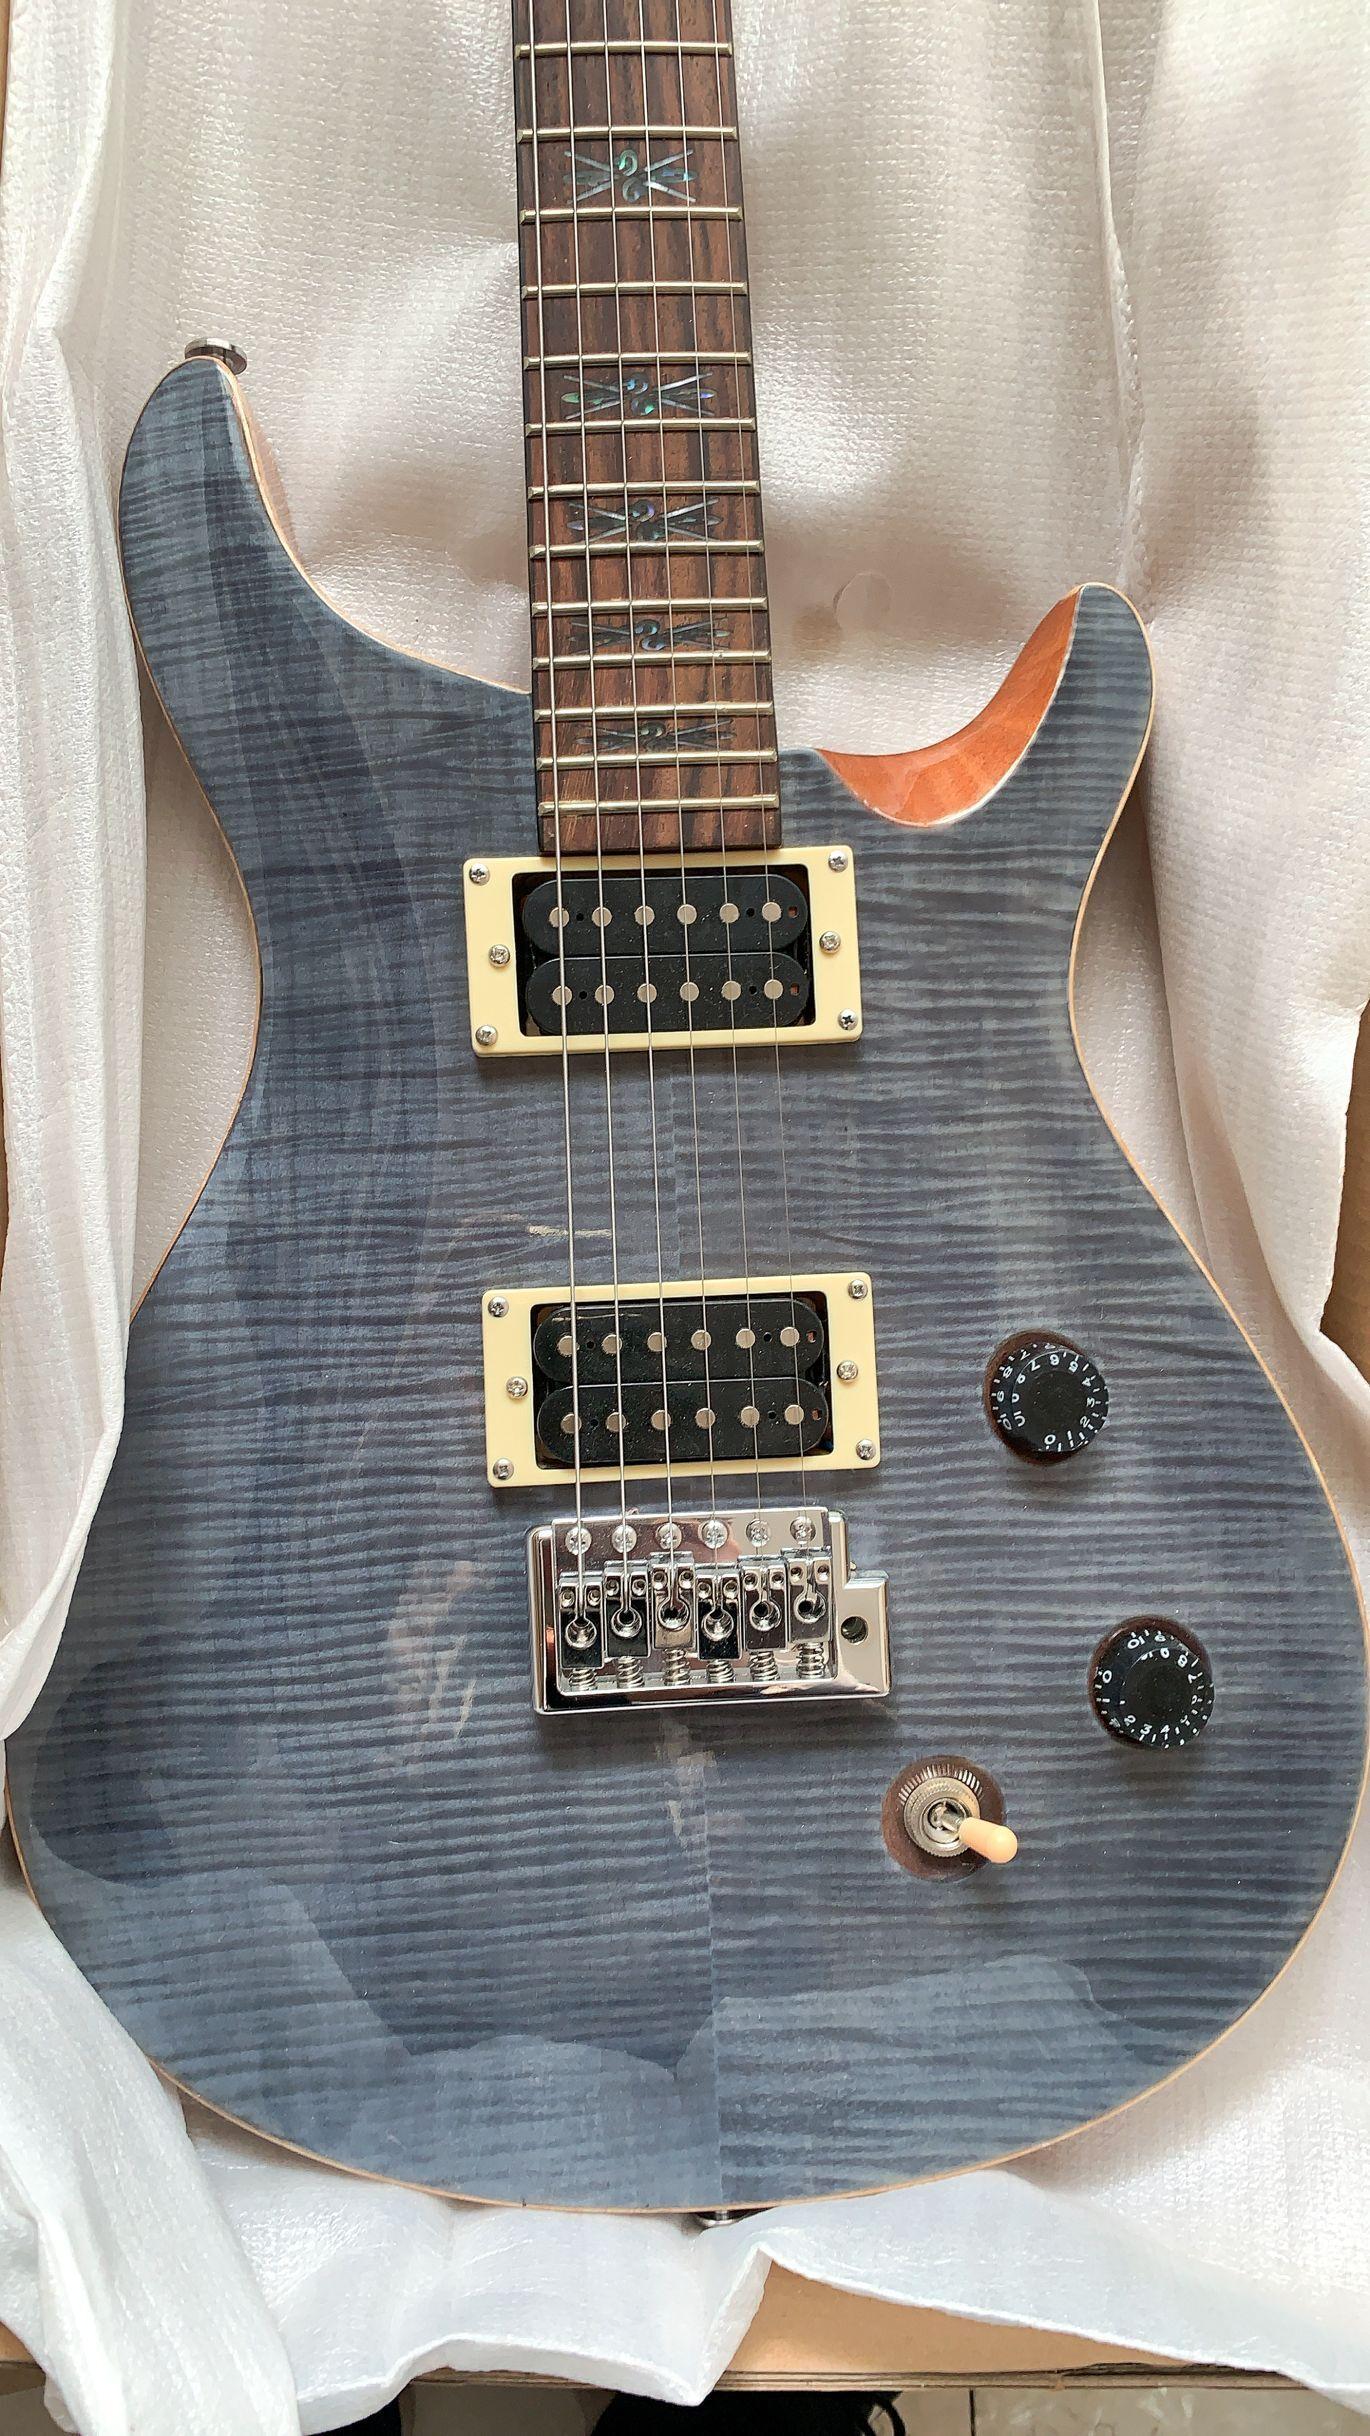 폴 리드 DGT 데이브 반장님 블랙 그레이 플레임 메이플 탑 전기 기타 트레몰로 브릿지, 자연, 특수 인레이, 화염 메이플 주축 바인딩